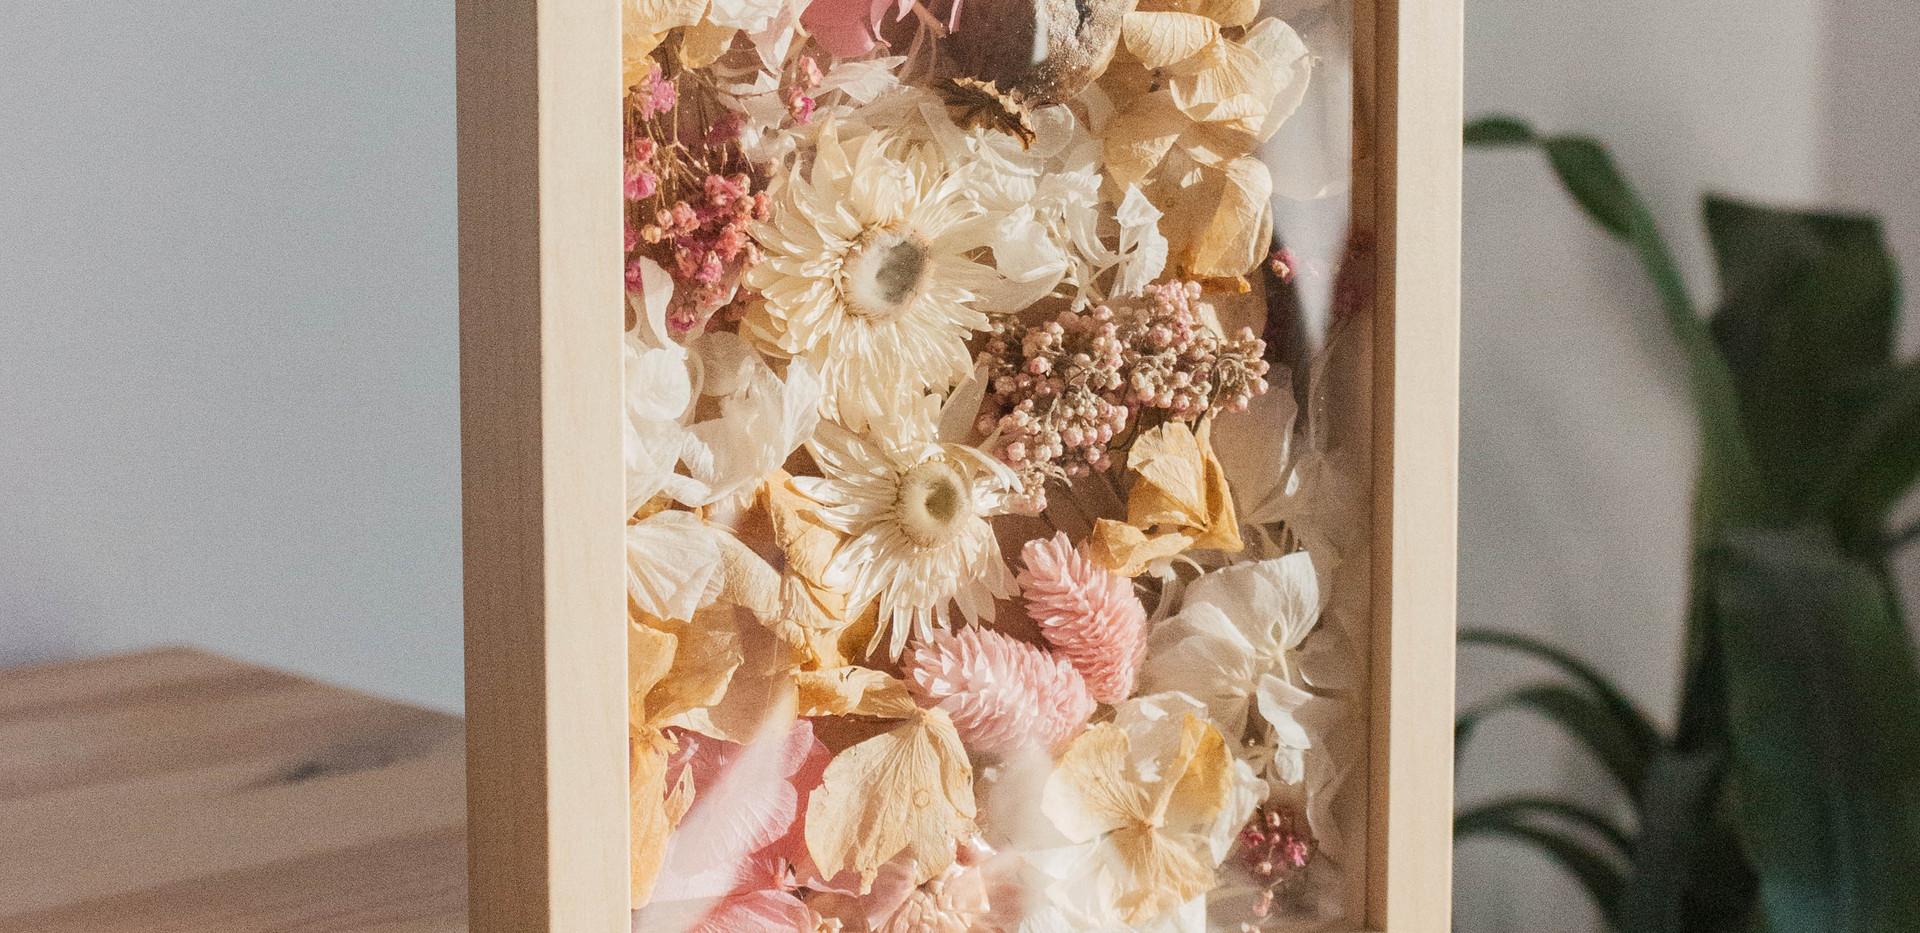 Marco de flor seca